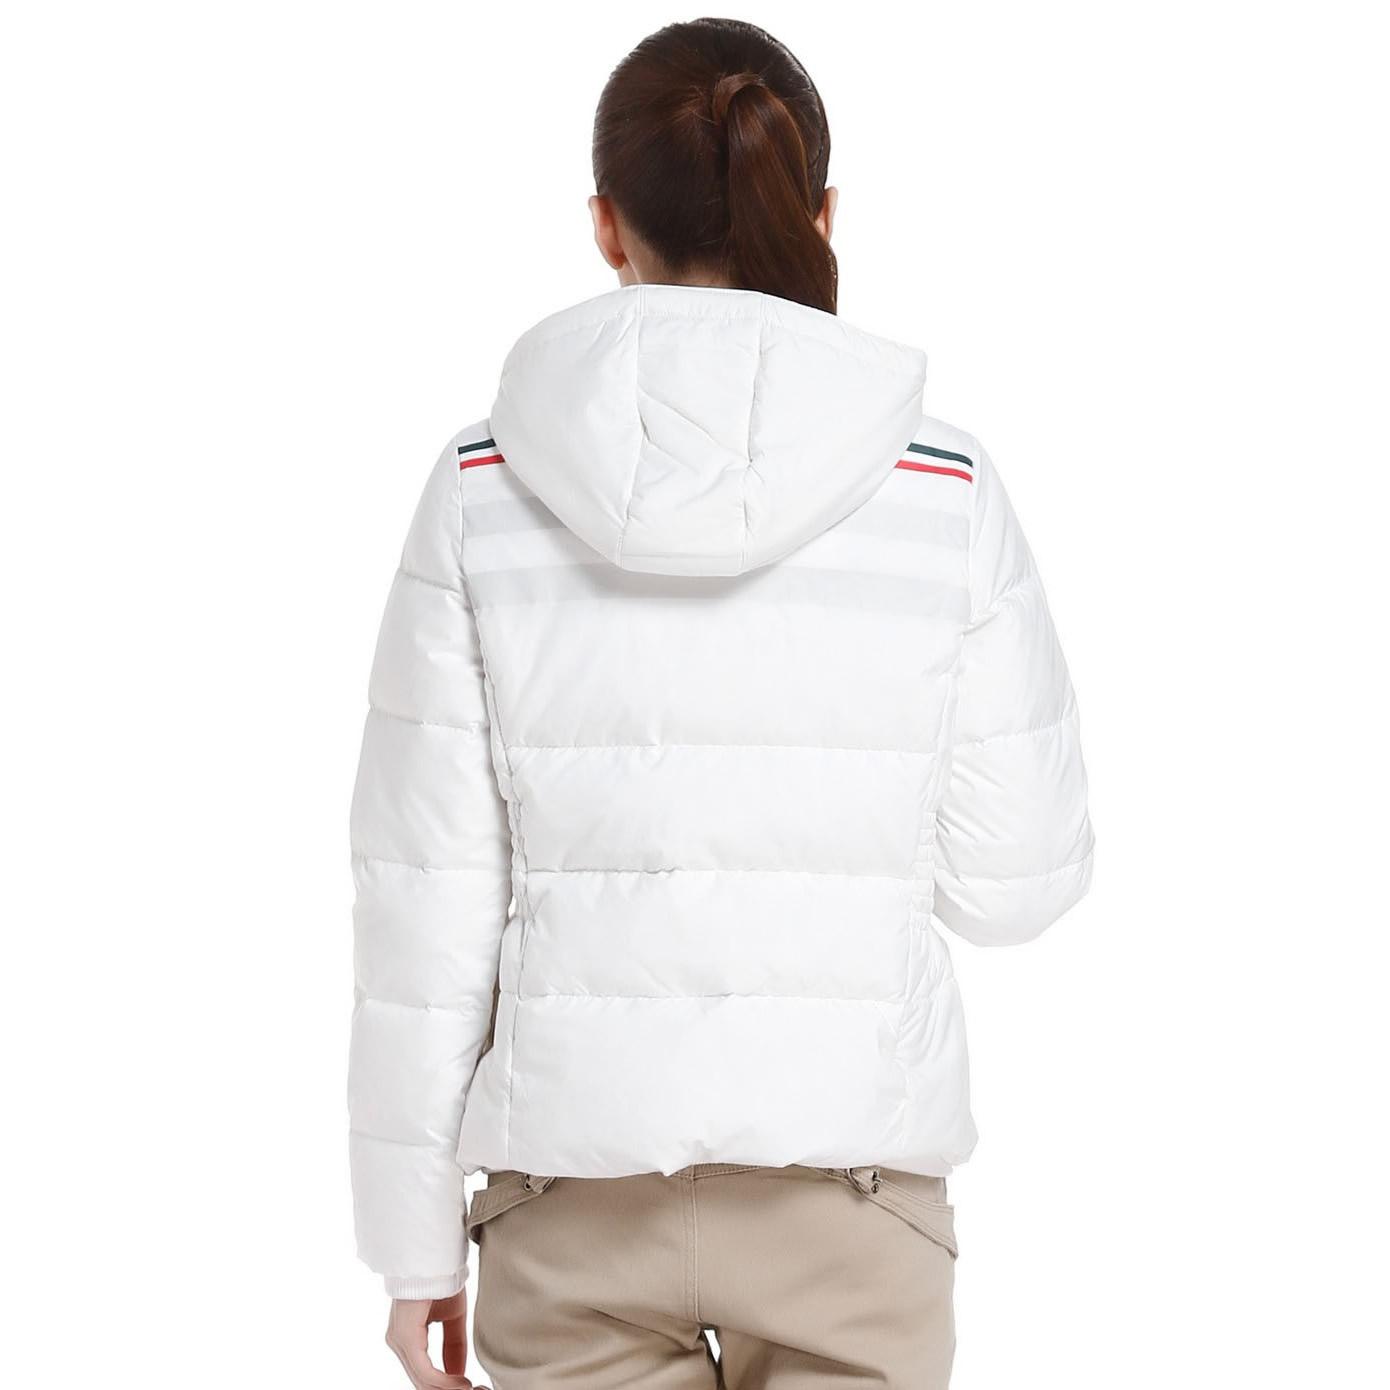 Blouson de sport femme KAPPA K0362YY40 en polyester - Ref 505841 Image 4